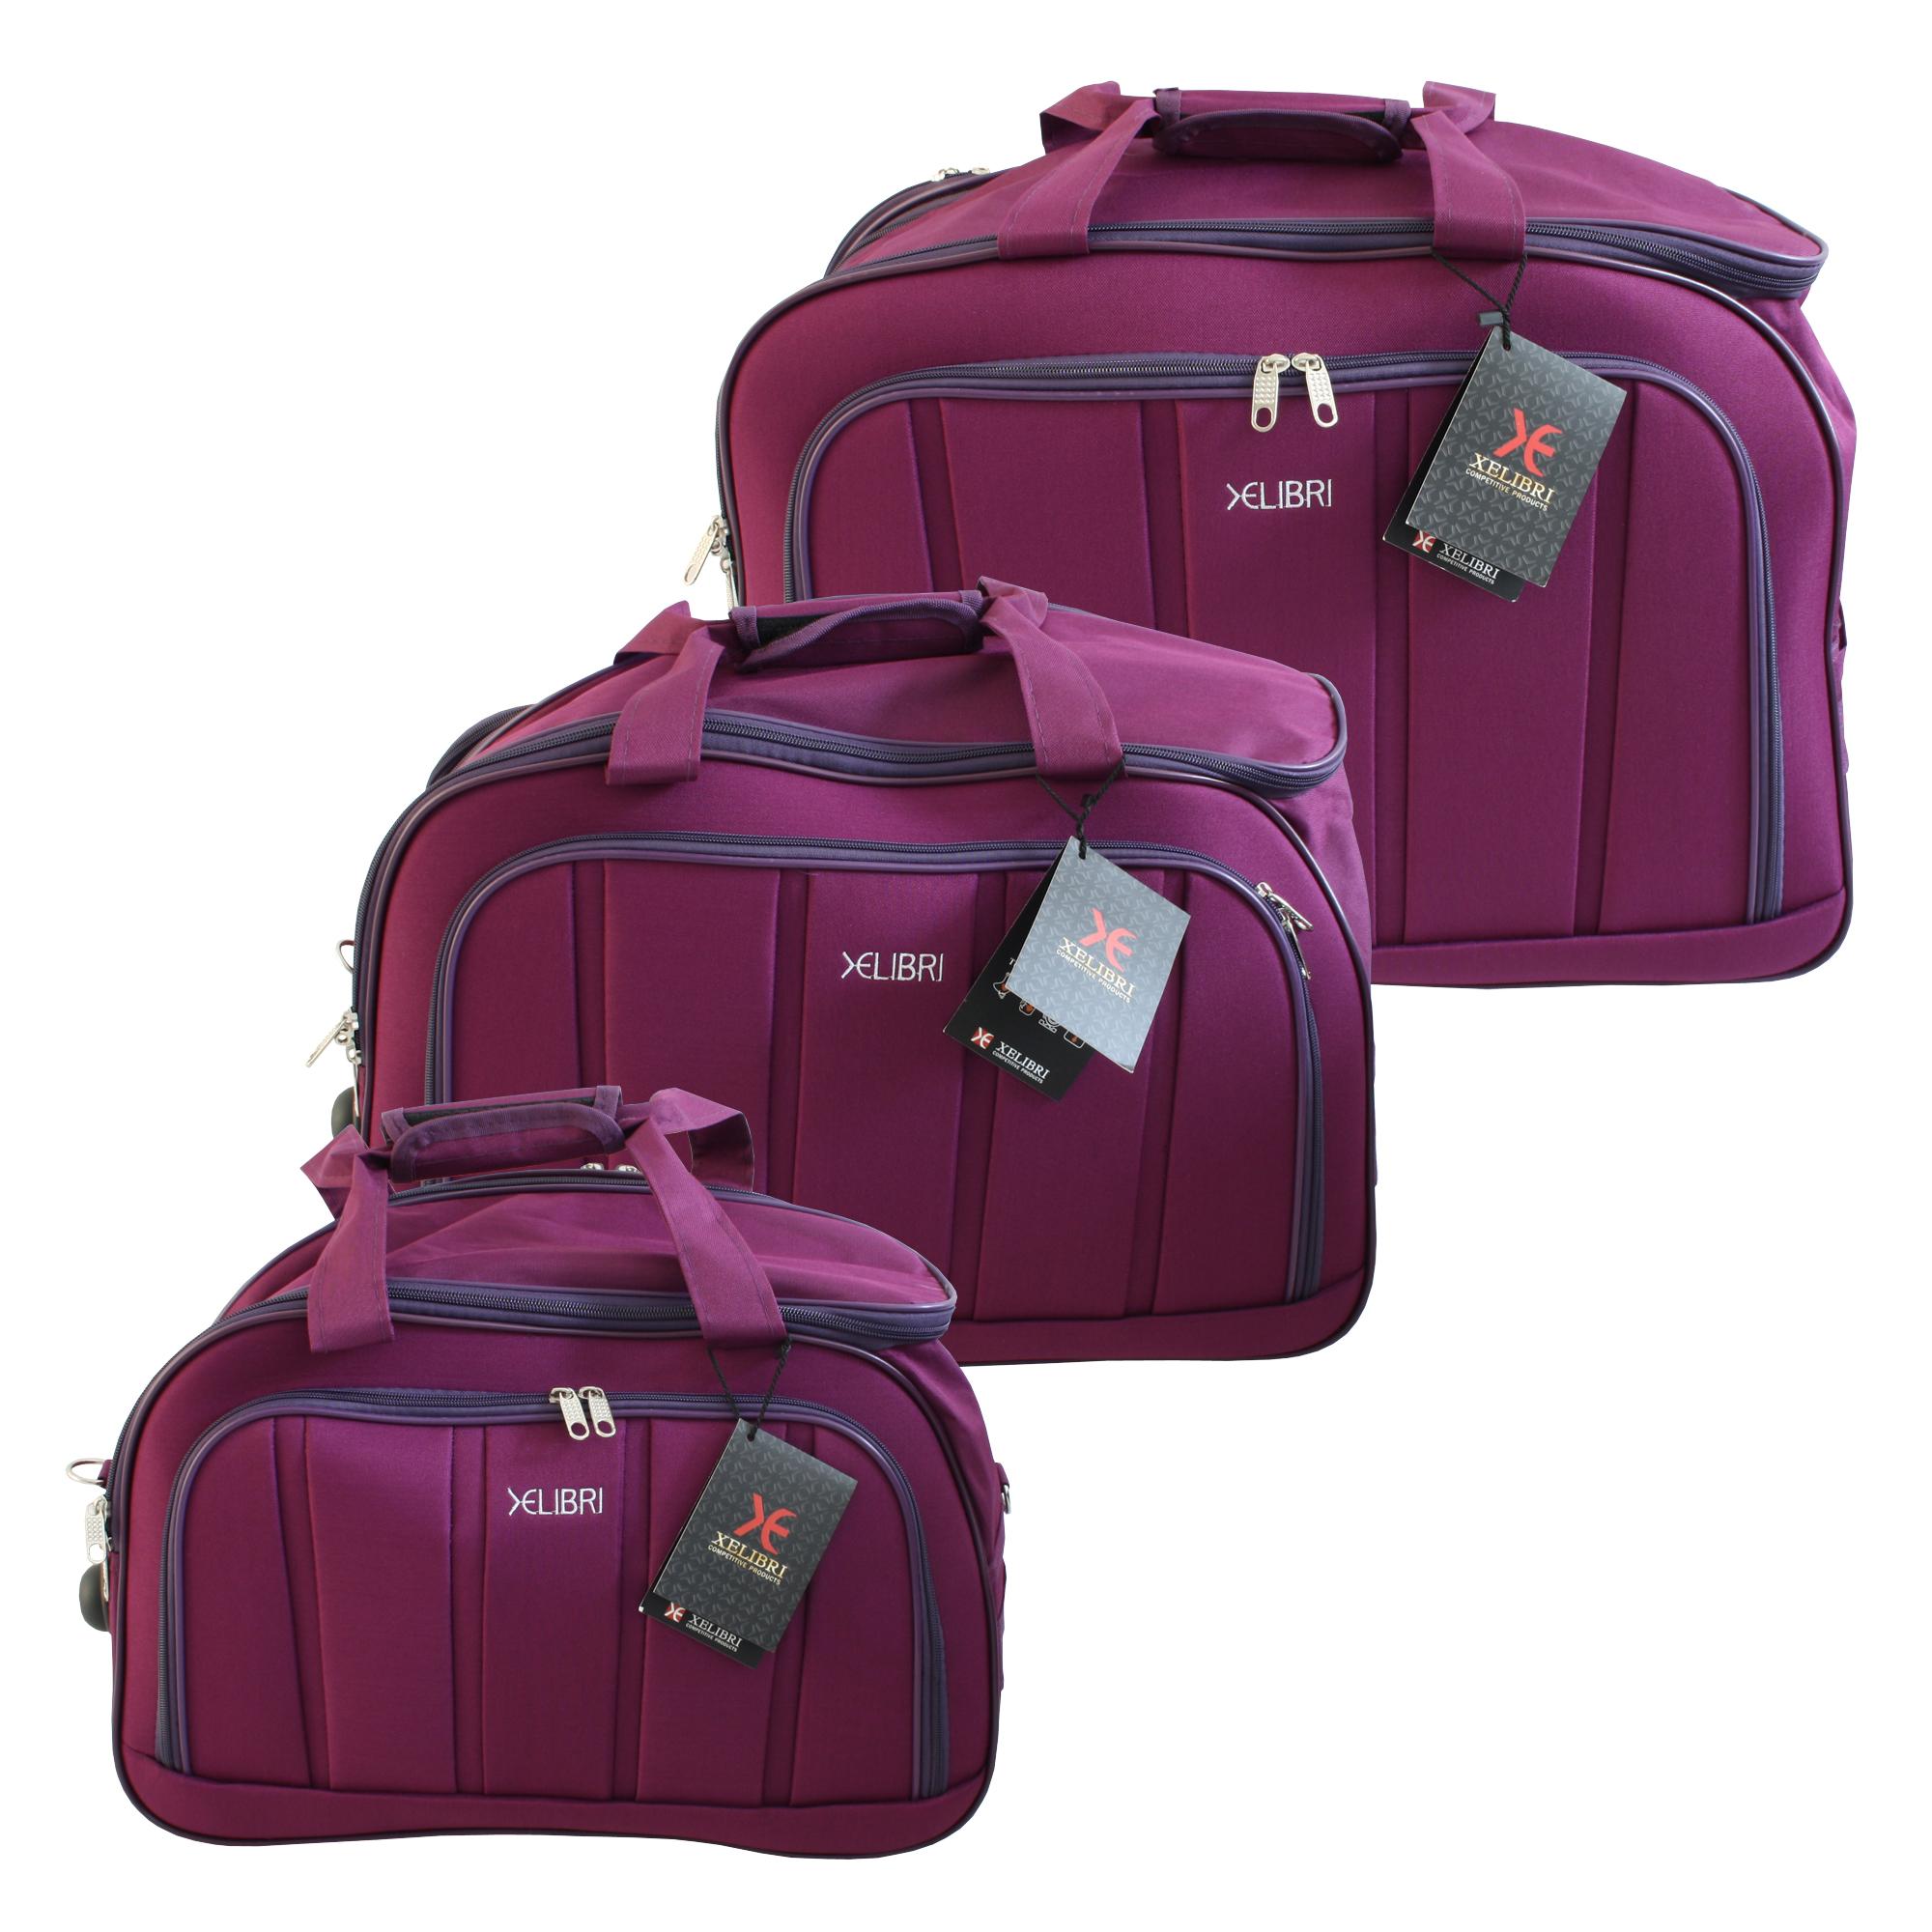 3 tlg. XELIBRI Reisentasche Sporttasche mit Rollen | Lila